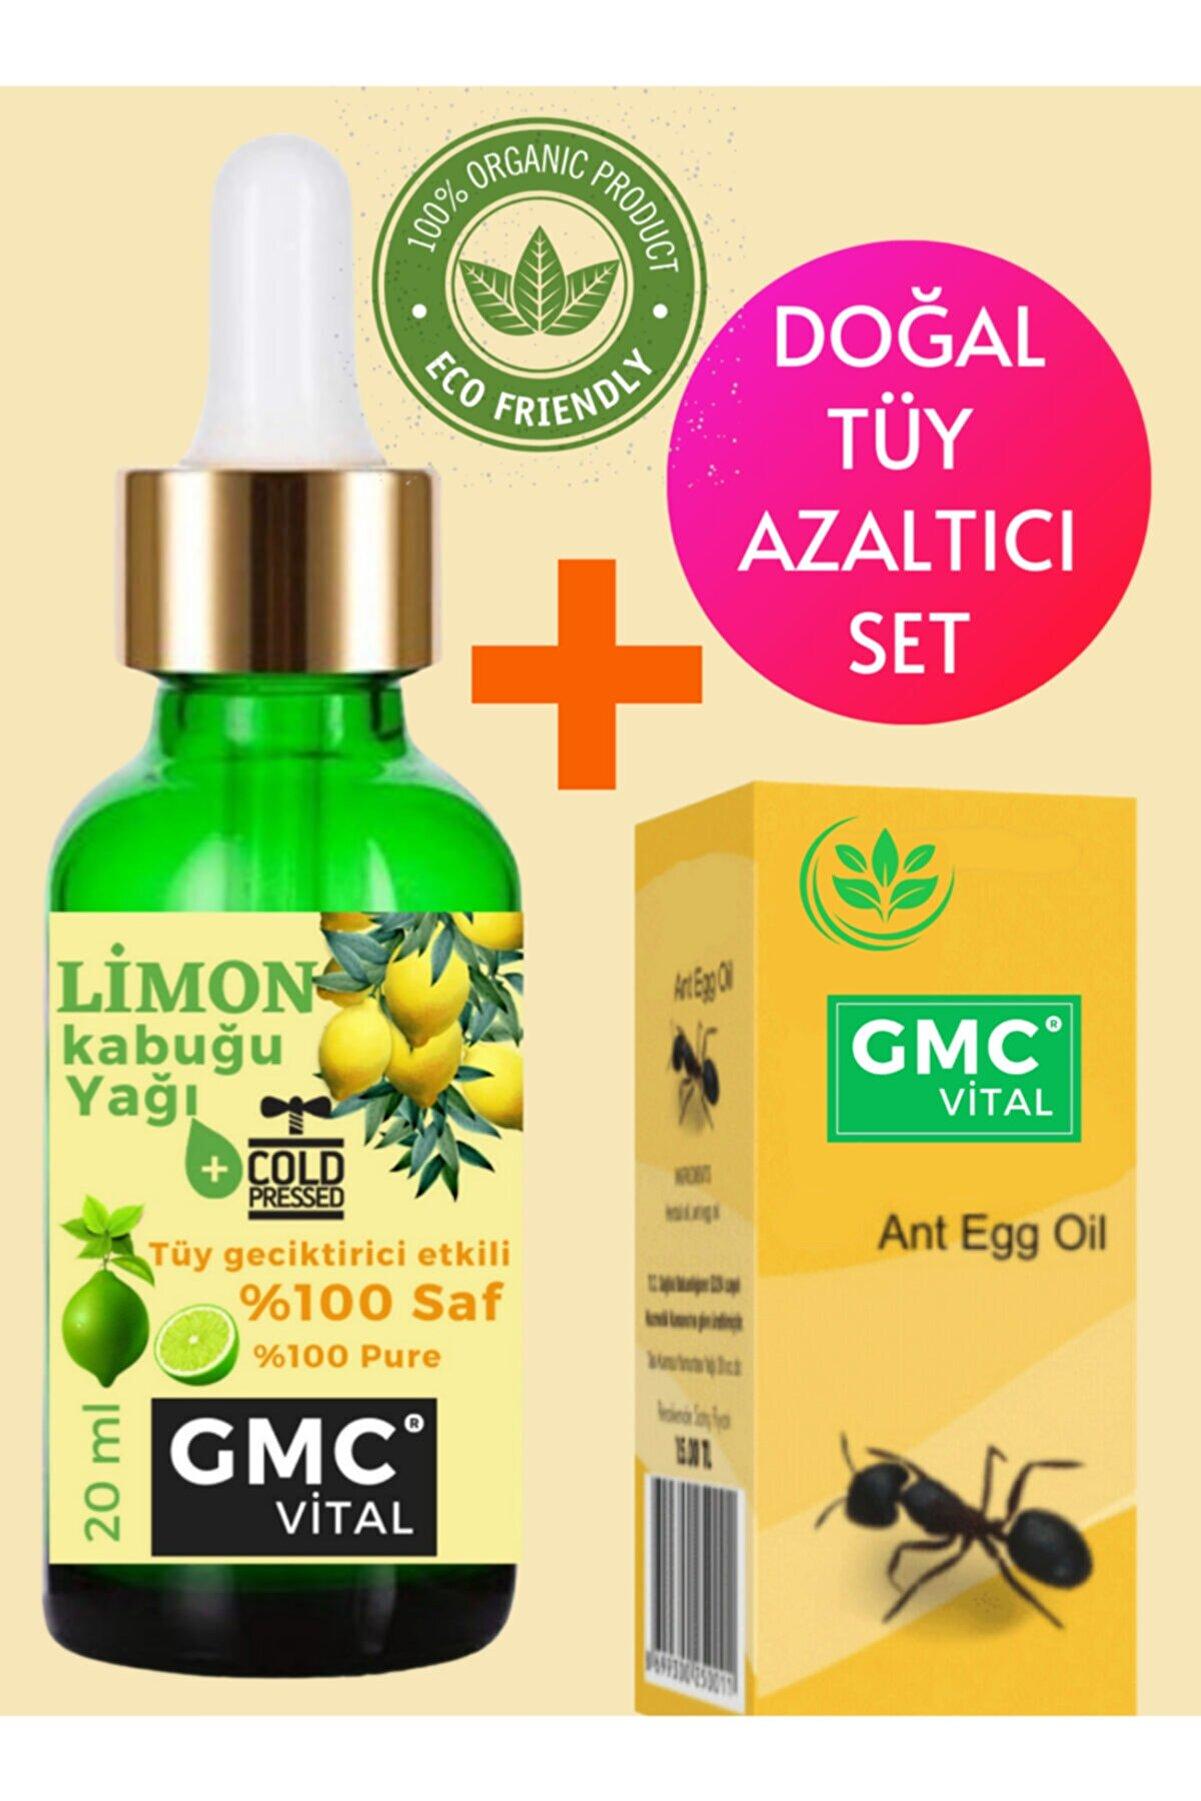 Gmc vital Tüy Dökücü Hassas Ciltler Için Limon Kabuğu Yağı + Karınca Yumurtası Yağı